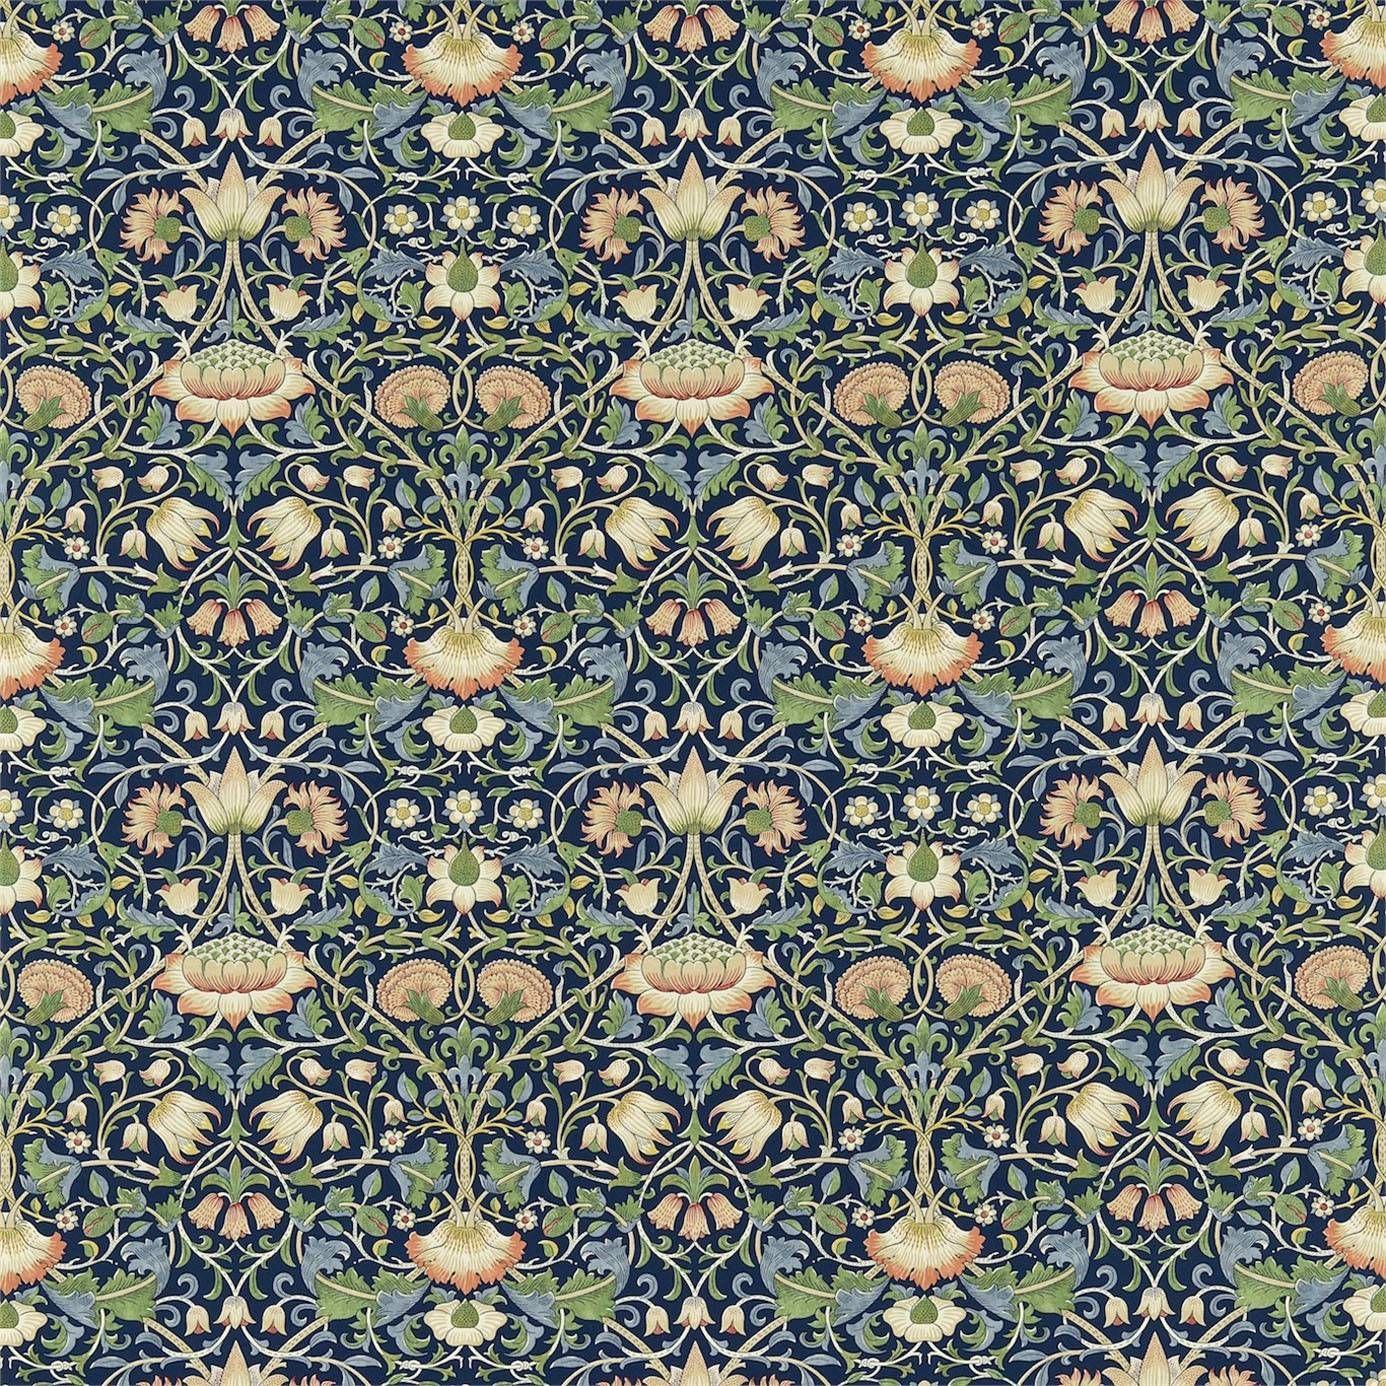 William Morris Rugs Reproductions: William Morris & Co Lodden Fabric